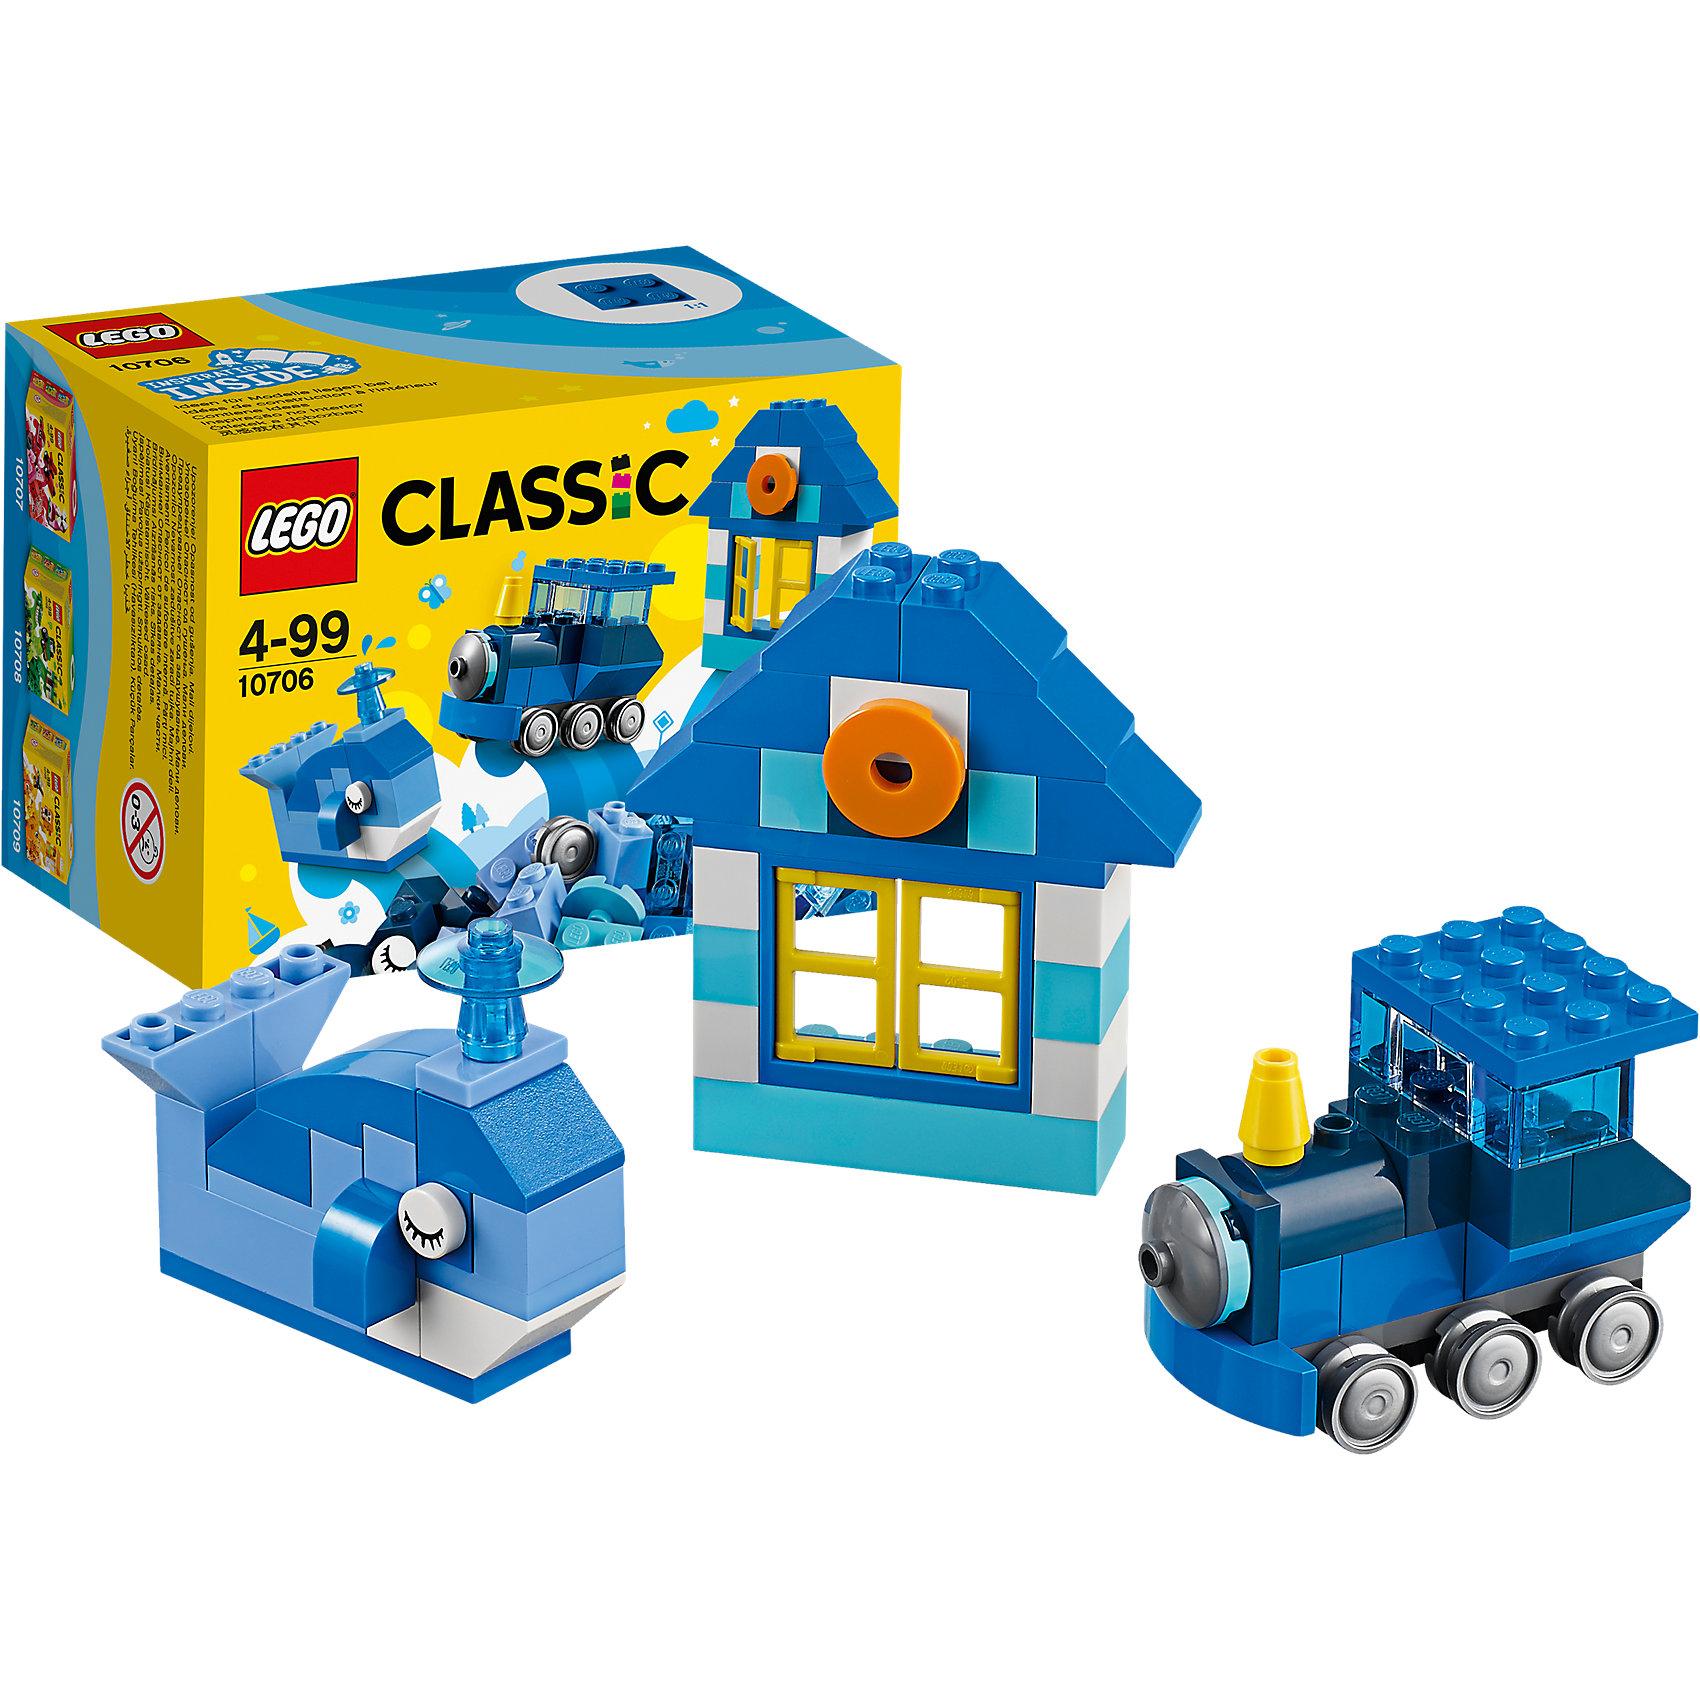 LEGO Classic 10706: Синий набор для творчестваLEGO Classic 10706: Синий набор для творчества<br><br>Характеристики:<br><br>- в набор входит: детали домика, кита и паровоза, аксессуары, красочная инструкция<br>- состав: пластик<br>- количество деталей: 78 <br>- размер упаковки: 12 * 8 * 9 см.<br>- для детей в возрасте: от 4 лет<br>- Страна производитель: Дания/Китай/Чехия<br><br>Легендарный конструктор LEGO (ЛЕГО) представляет серию «Classic» (Классик), предназначенную для свободного конструирования. В наборы этой серии включены разнообразные детали, позволяющие строить в свое удовольствие и на свое усмотрение. Синий набор для творчества включает в себя деталь с колесиками, две детали глаз, открывающееся двухстворчатое окошко, полупрозрачную деталь фонтанчика и стандартные детали. С помощью этого набора можно собрать по инструкции кита, домик и паровоз, а также придумать свои транспортные средства, своих животных и свой домик. В синем наборе представлено пять оттенков синего, а также белые, серые, желтые и оранжевая детали. Играя с конструктором ребенок развивает моторику рук, воображение и логическое мышление. Воплотите в жизнь свои идеи с помощью набора LEGO «Classic»!<br><br>Конструктор LEGO Classic 10706: Синий набор для творчества можно купить в нашем интернет-магазине.<br><br>Ширина мм: 125<br>Глубина мм: 90<br>Высота мм: 78<br>Вес г: 112<br>Возраст от месяцев: 48<br>Возраст до месяцев: 144<br>Пол: Унисекс<br>Возраст: Детский<br>SKU: 5002505